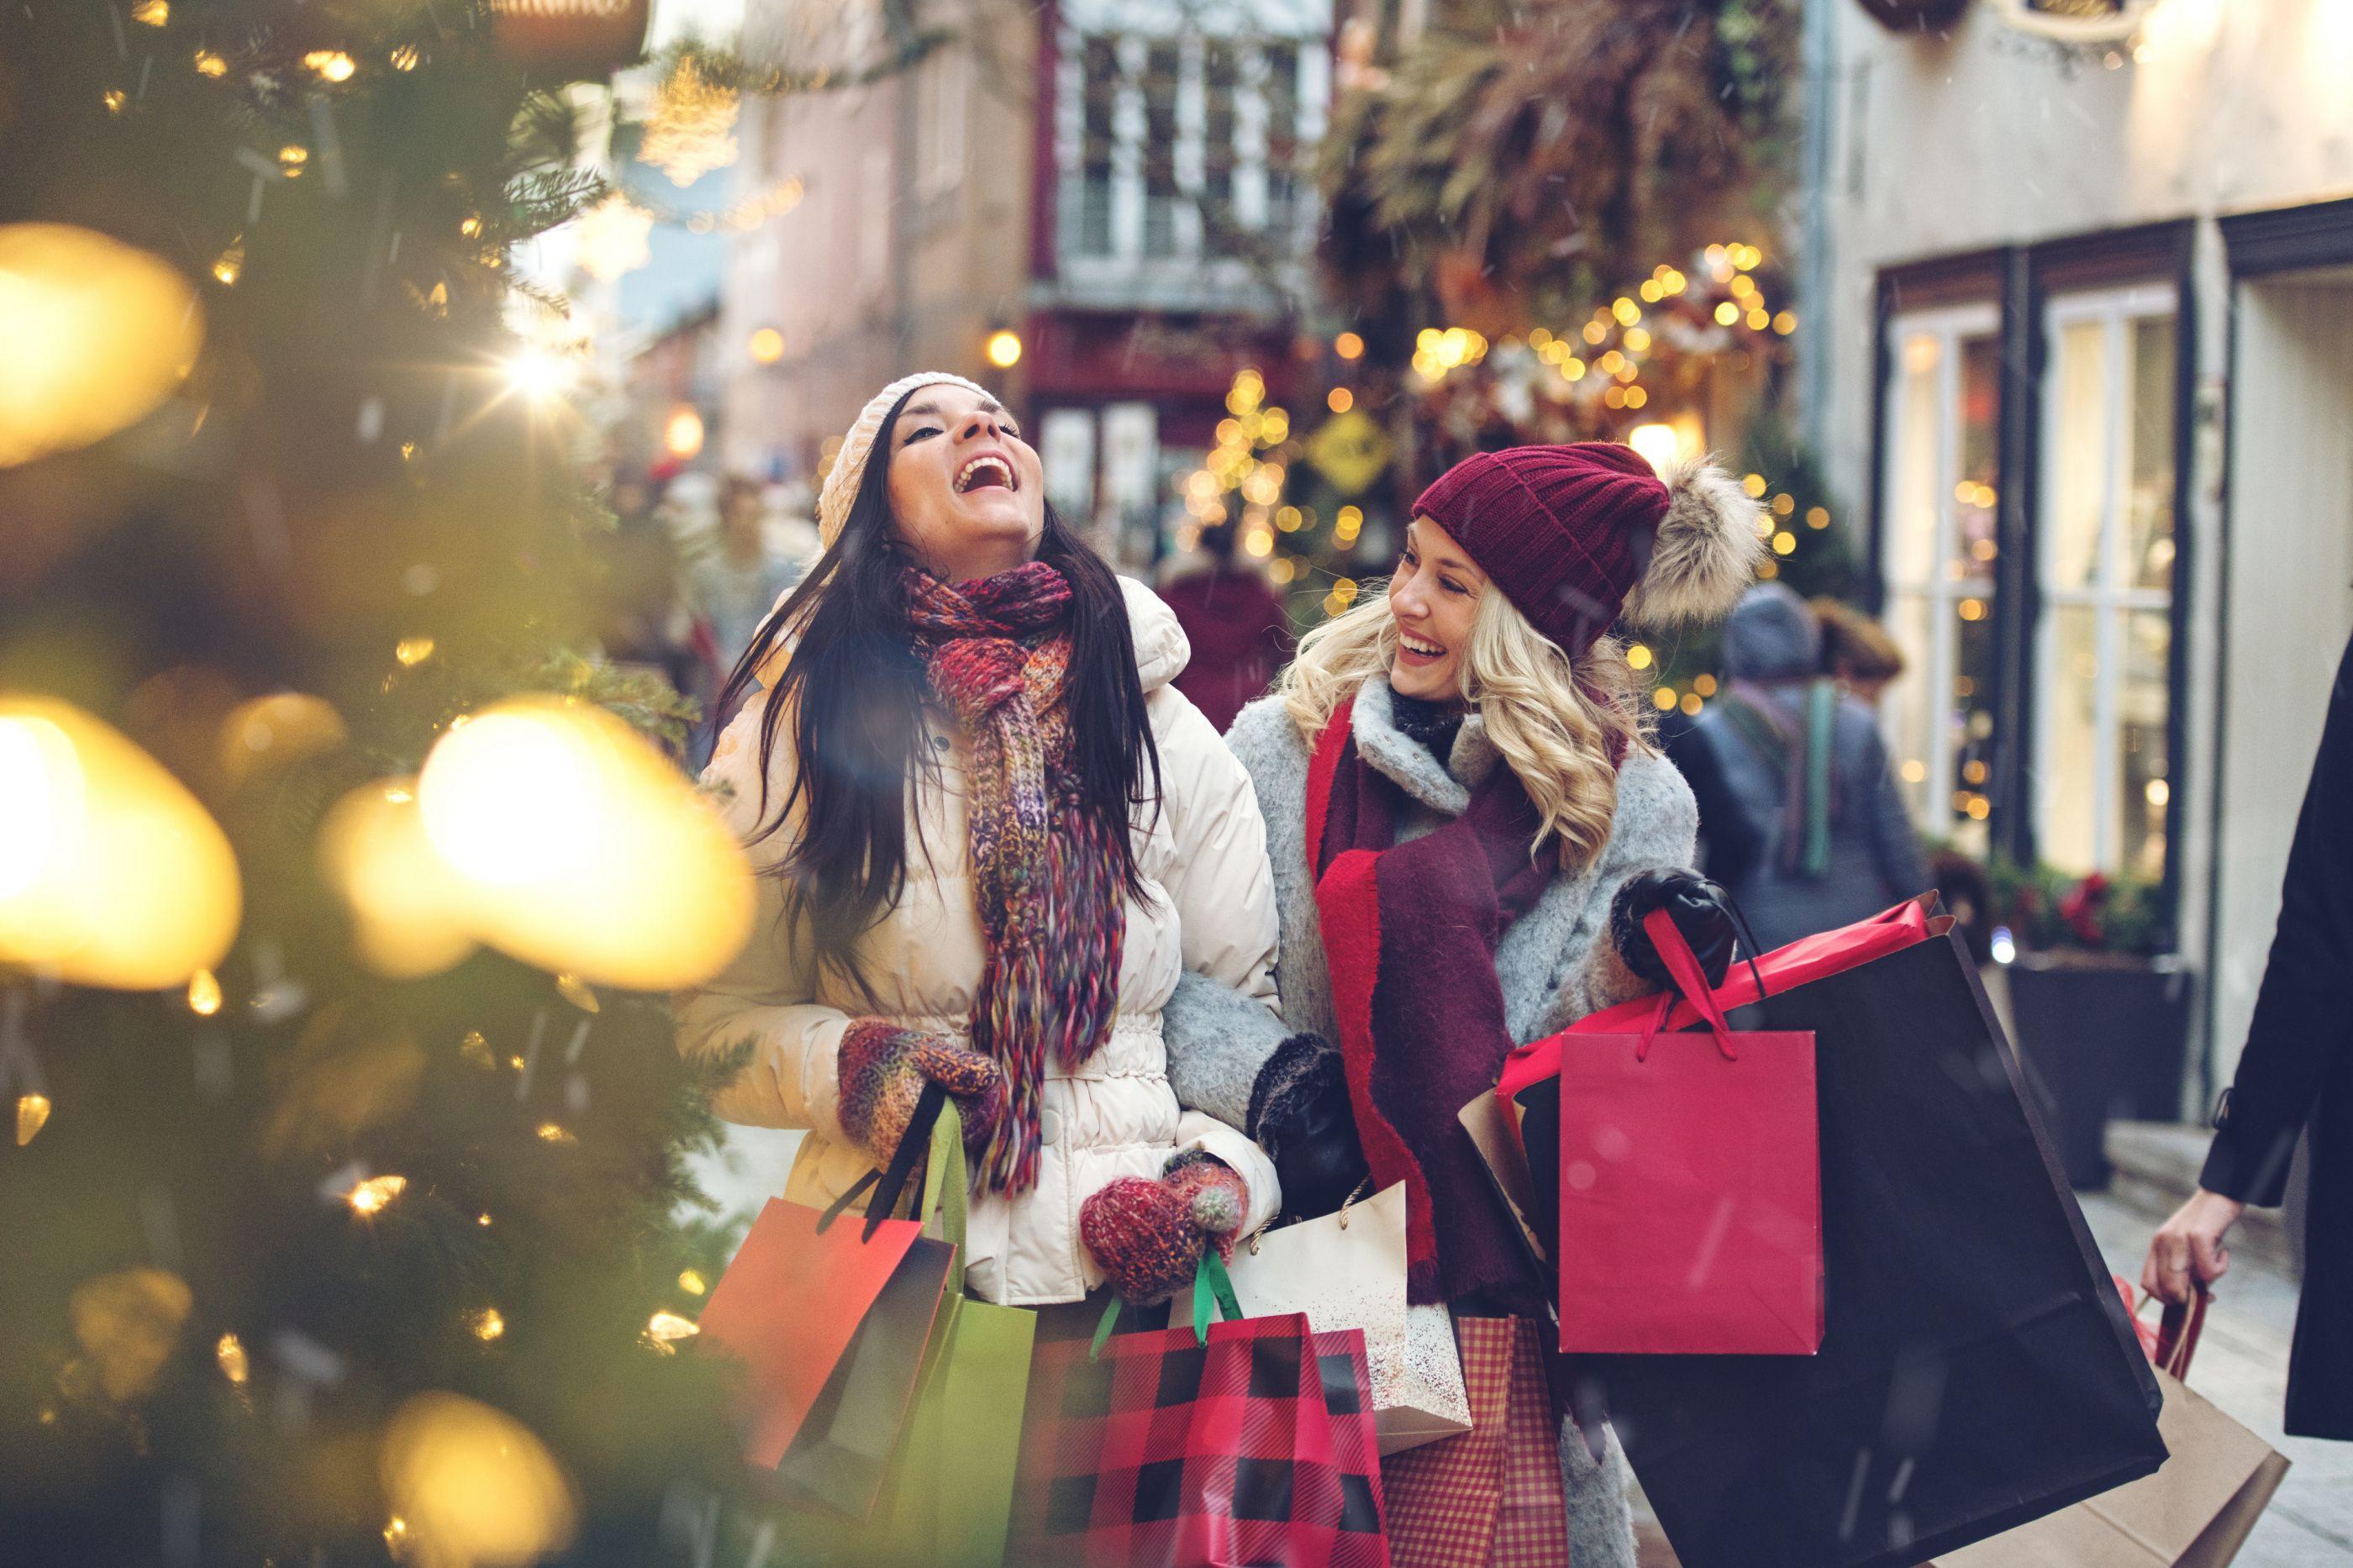 Dicas para facilitar as compras de Natal são sempre bem-vindas. Eis cinco